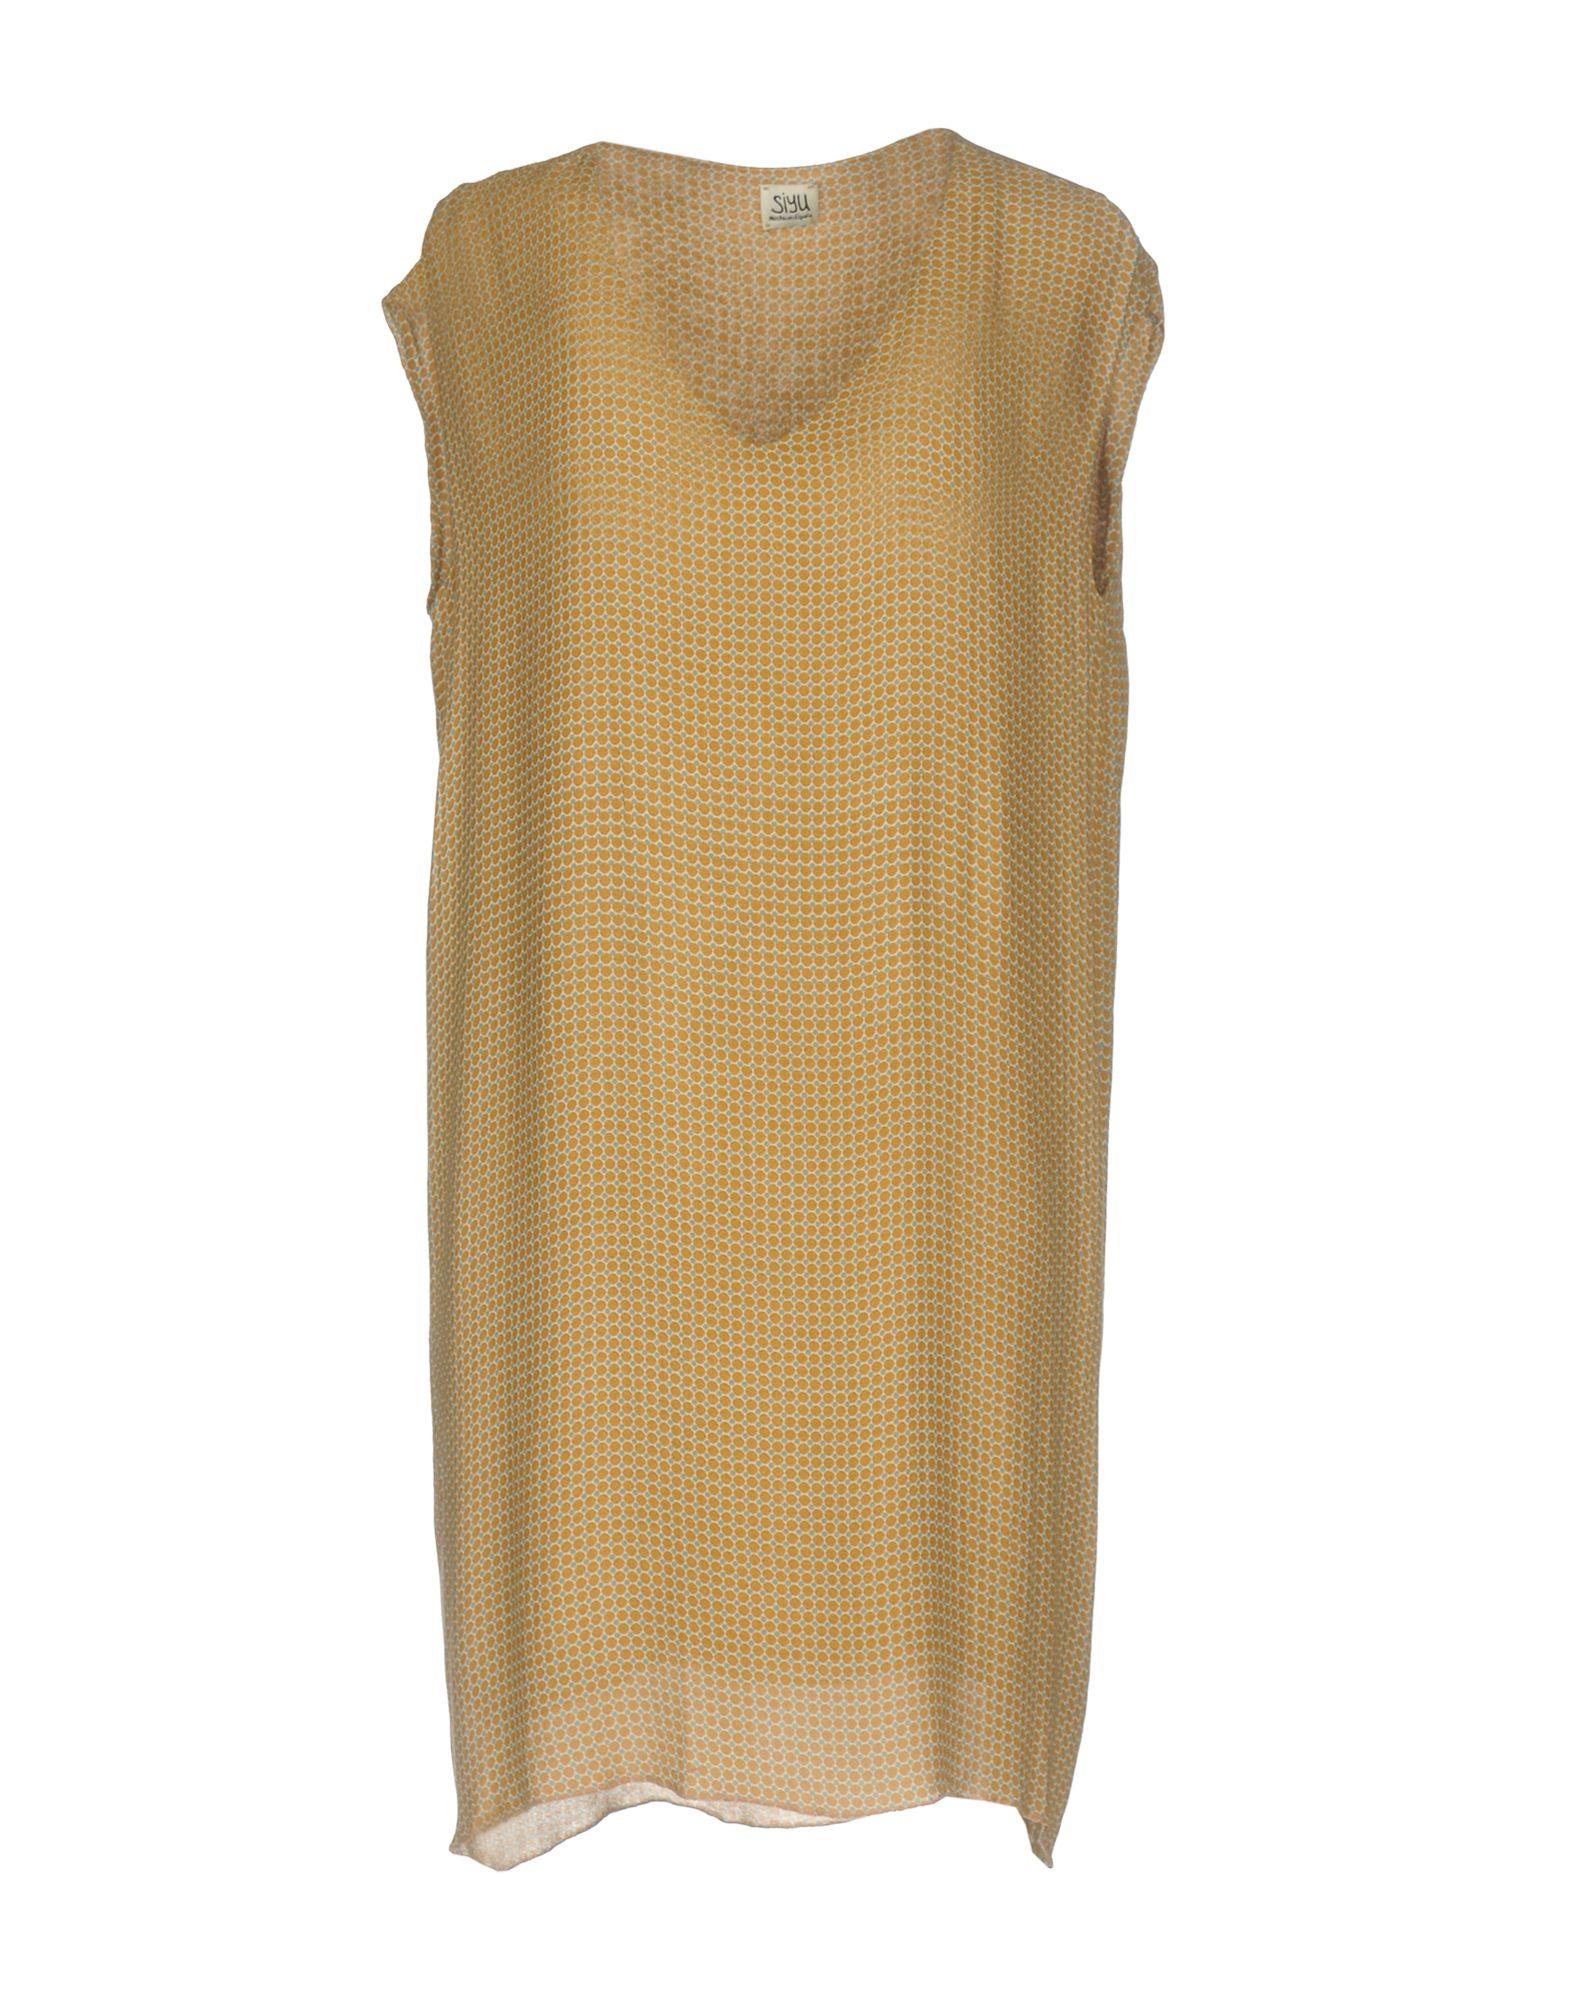 SIYU Damen Kurzes Kleid Farbe Kamel Größe 4 jetztbilligerkaufen